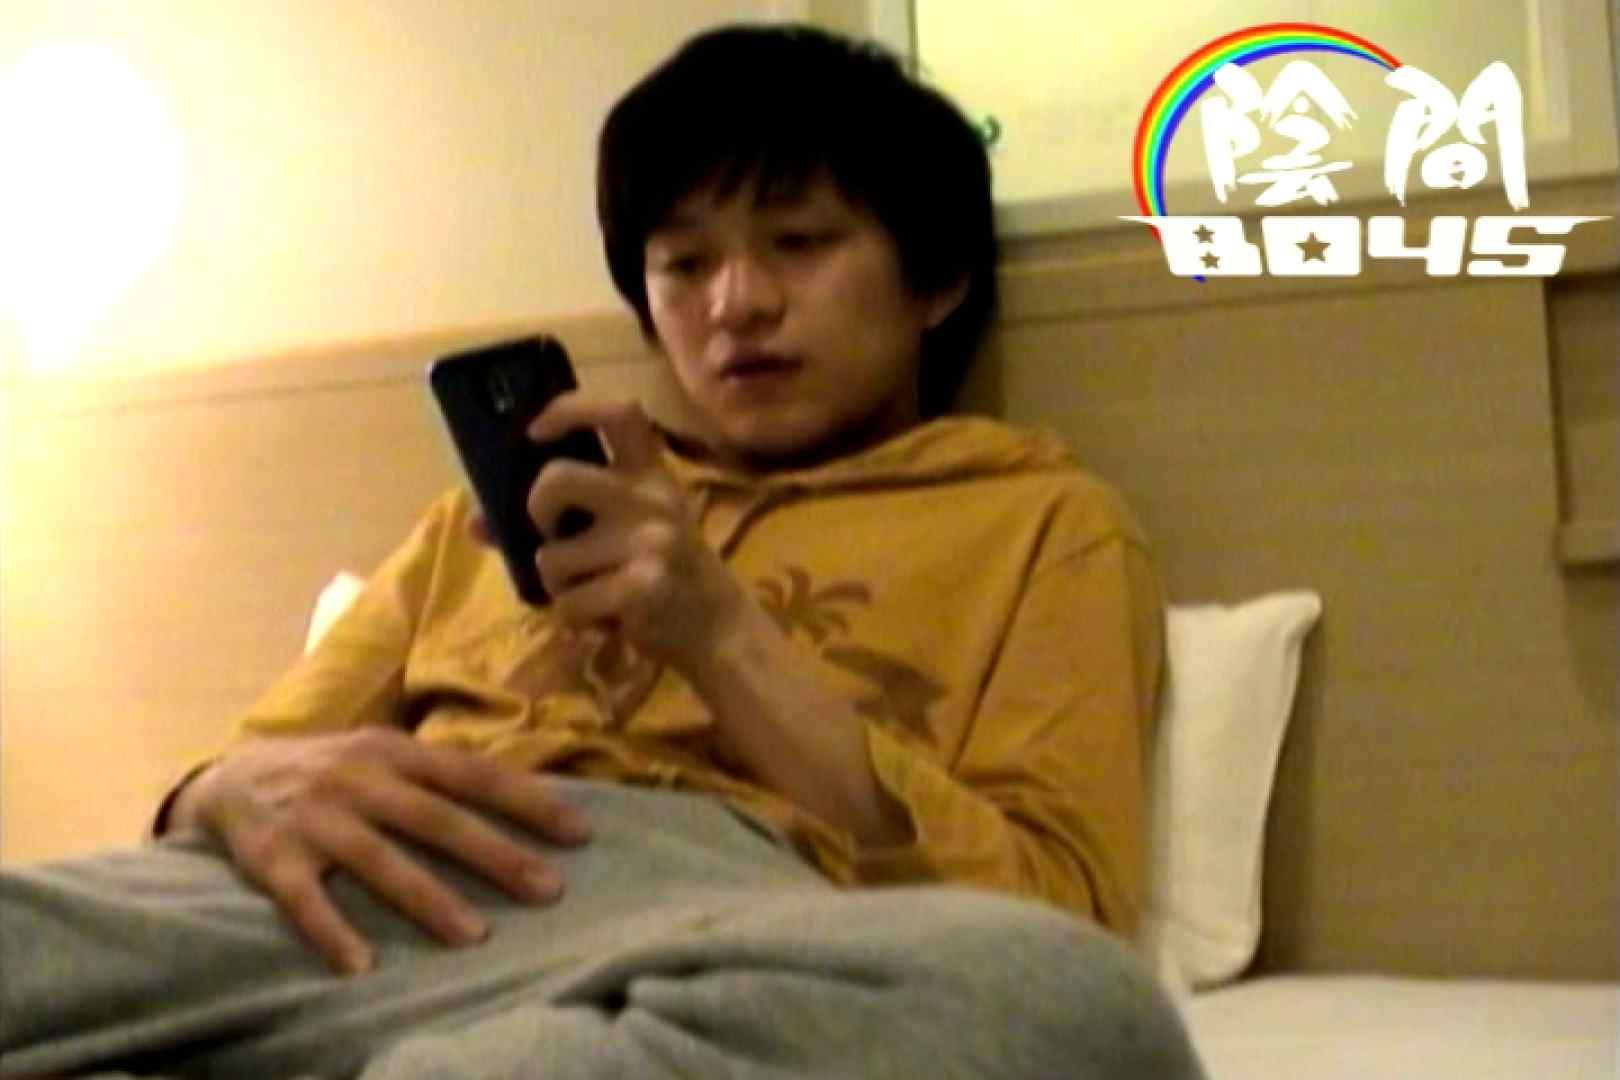 陰間BOYS~My holiday~01 ゲイのオナニー映像   0  84枚 81